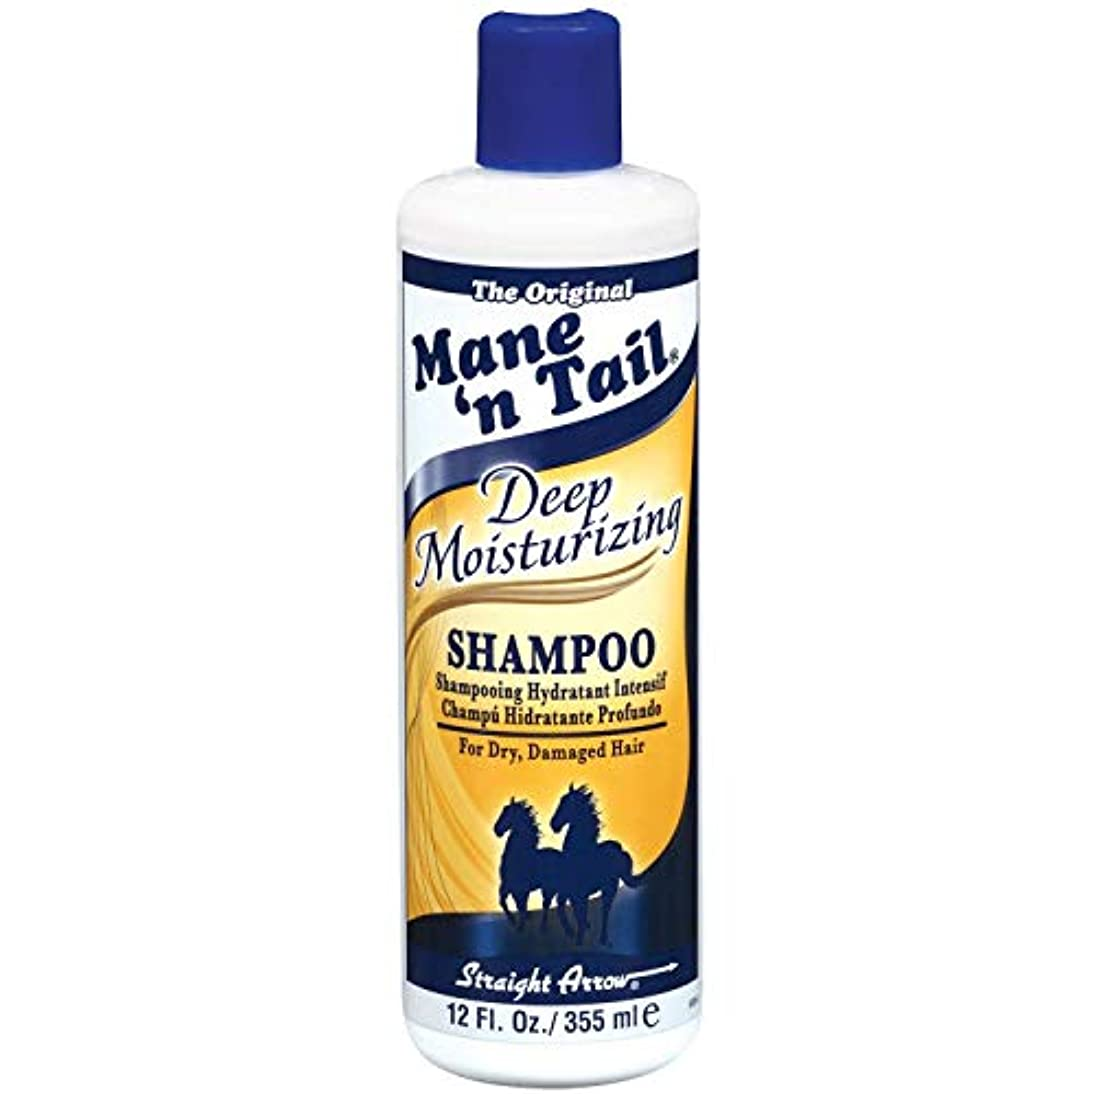 飢饉人形バルコニー(馬のたてがみ メインテイル ディープ モイスチャライジング 乾燥髪?傷んだ髪用 シャンプー)Mane'n Tail Deep Moisturizing Shampoo (並行輸入品) [並行輸入品]